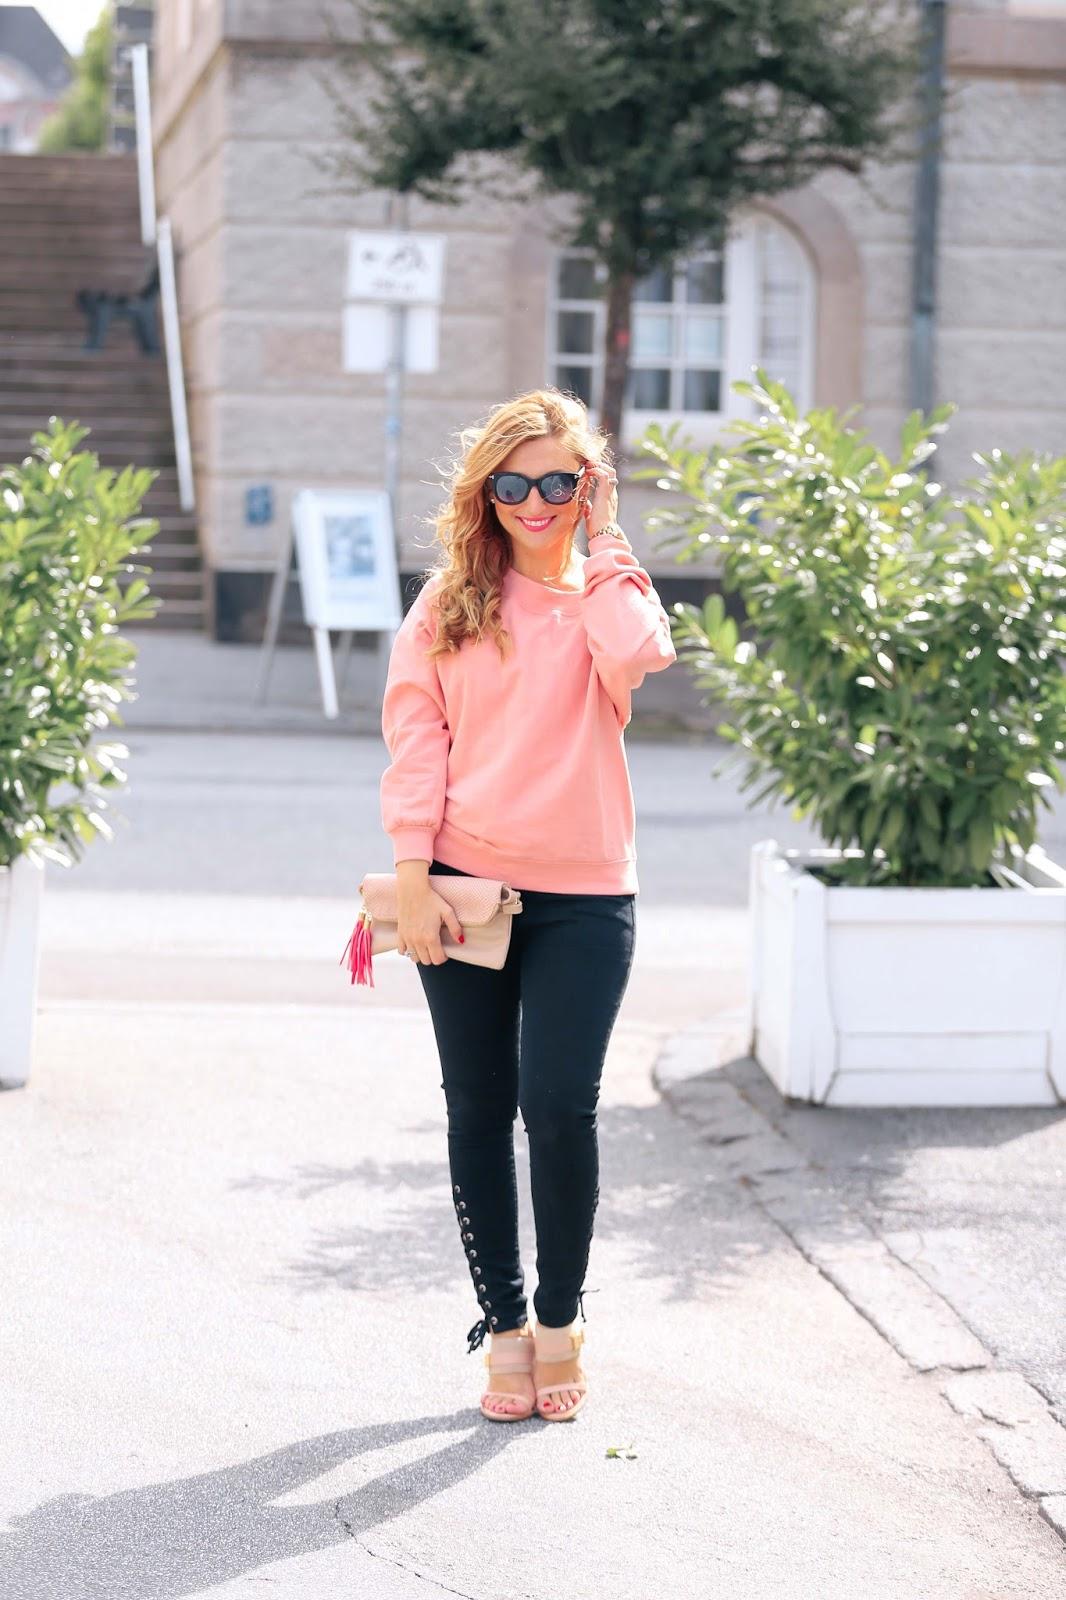 Frankfurt-blogger-blogger-aus-deutschland-deutsche-fashionblogger-fashionstylebyjohanna